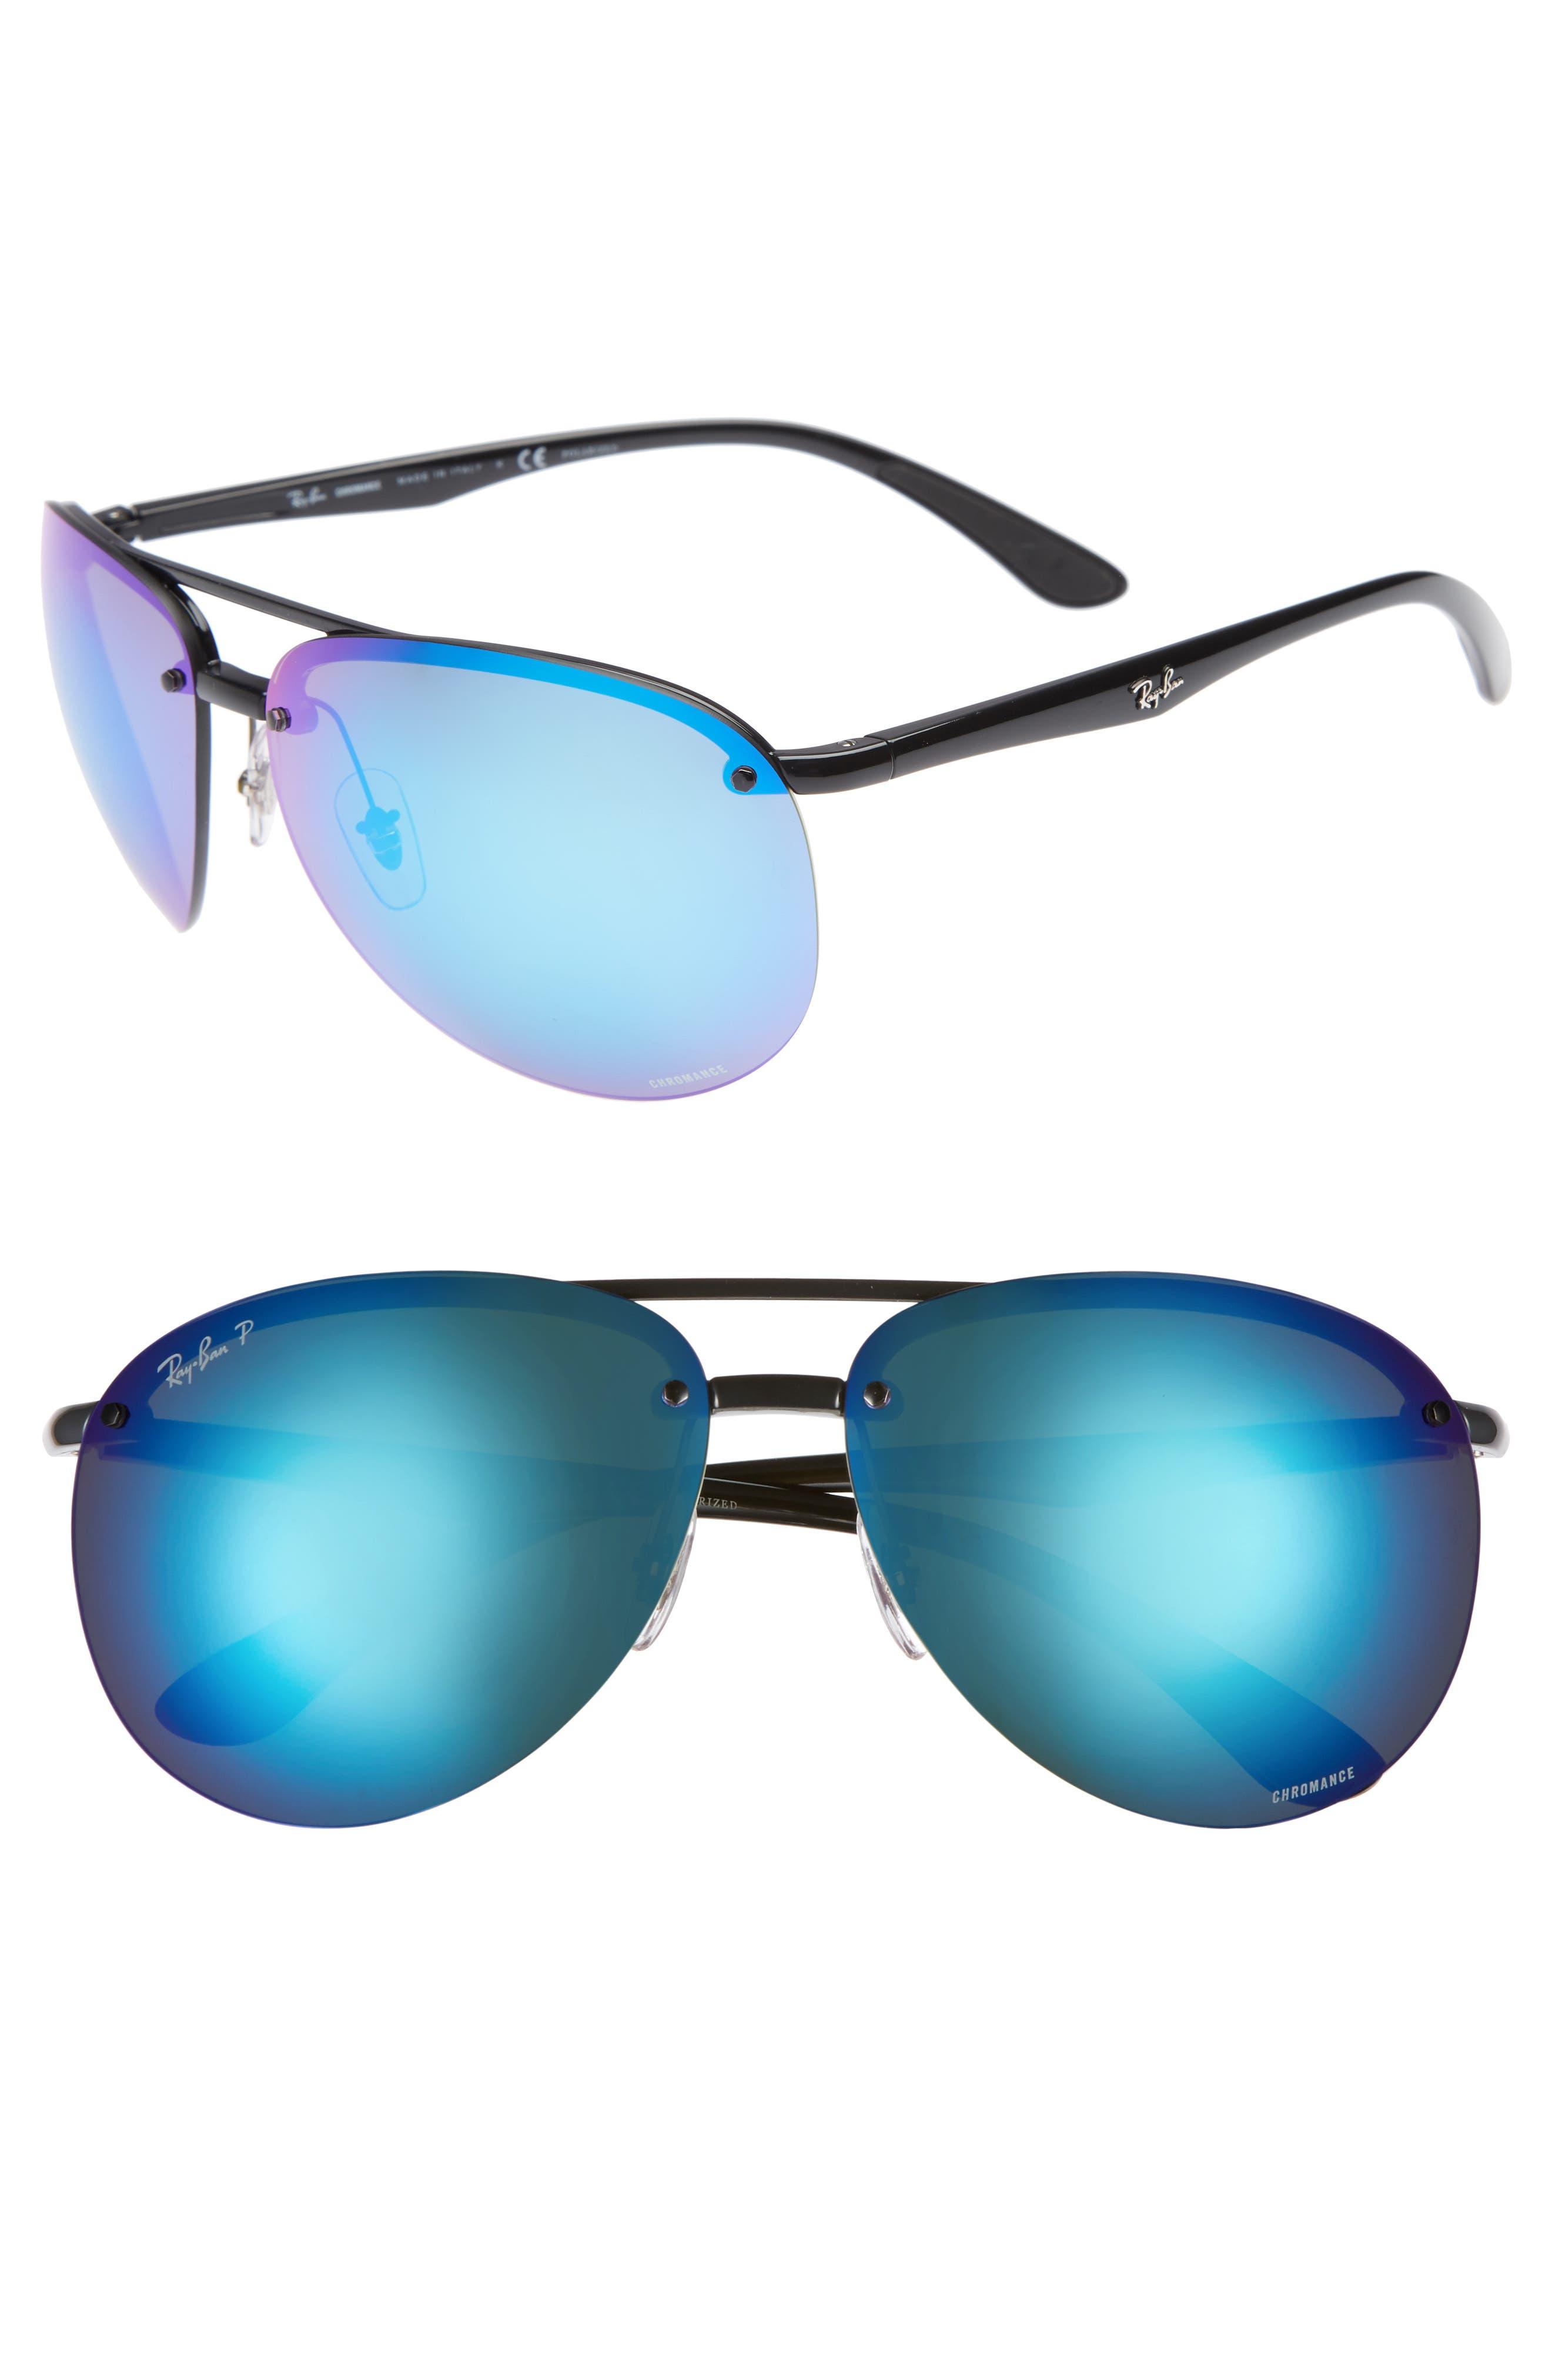 65mm Chromance Polarized Aviator Sunglasses,                             Main thumbnail 1, color,                             Black